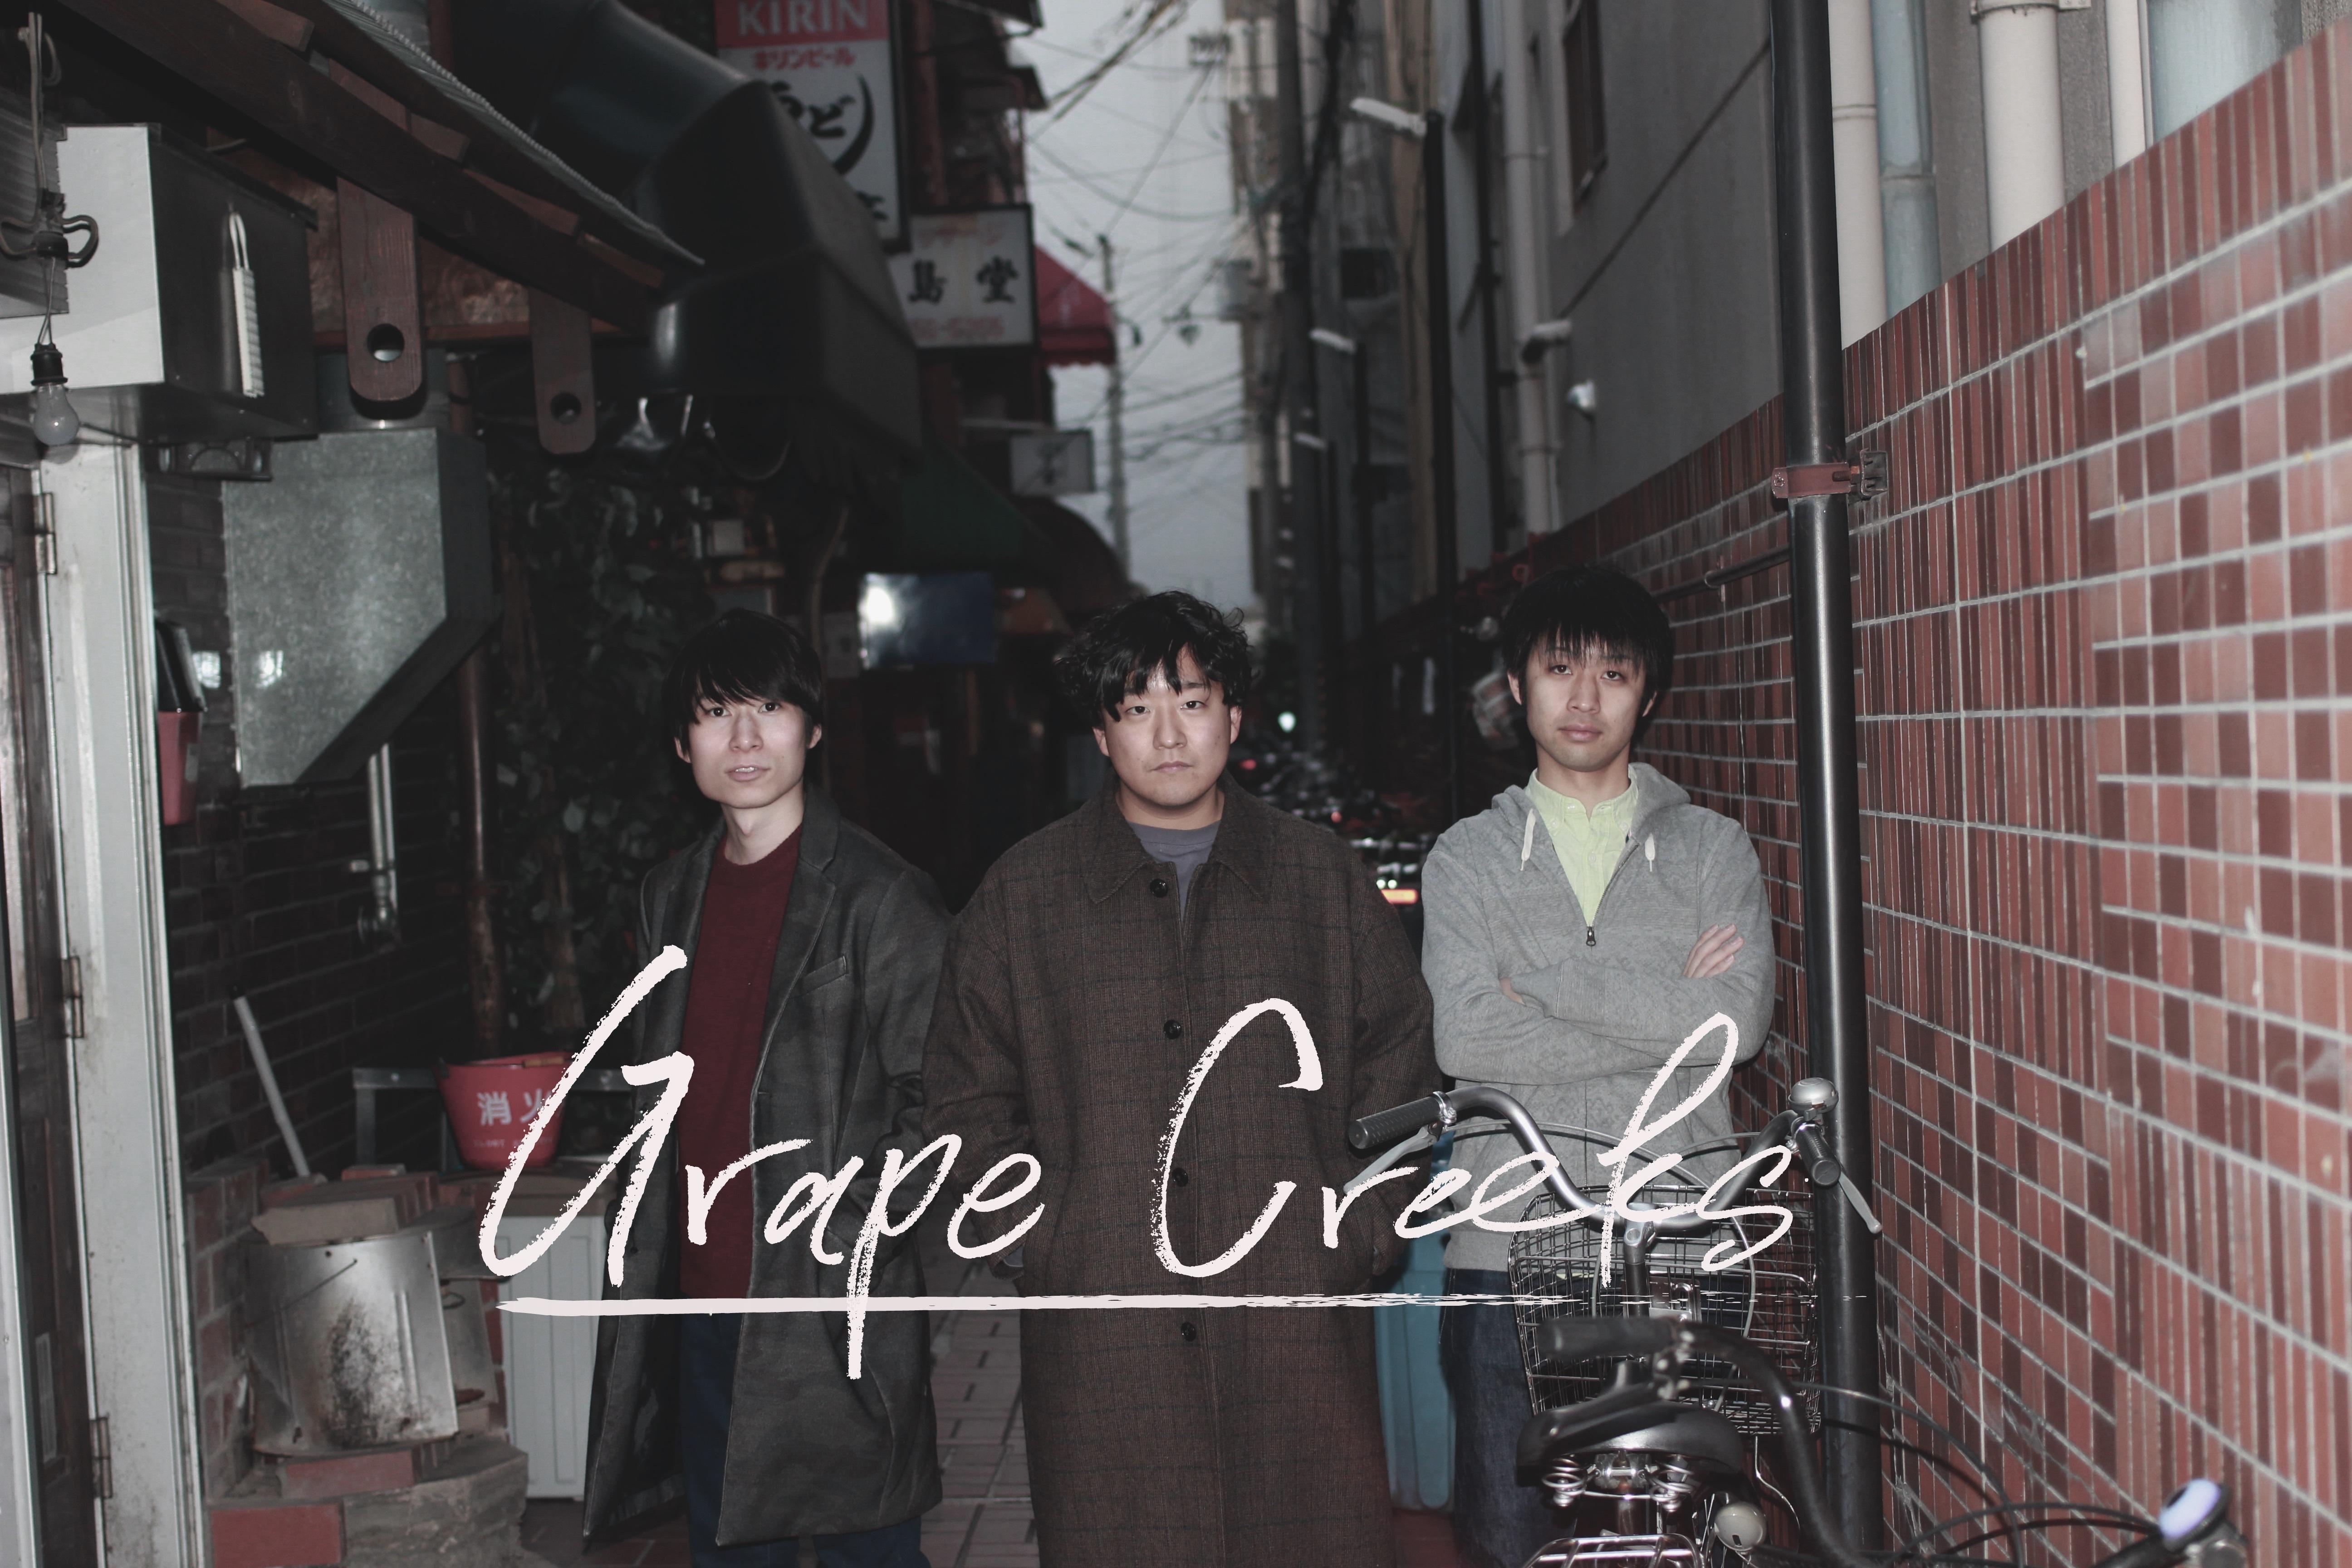 大阪発!3ピースメロディックパンクバンド【Grape Creeks】の初ミニアルバム制作プロジェクト!